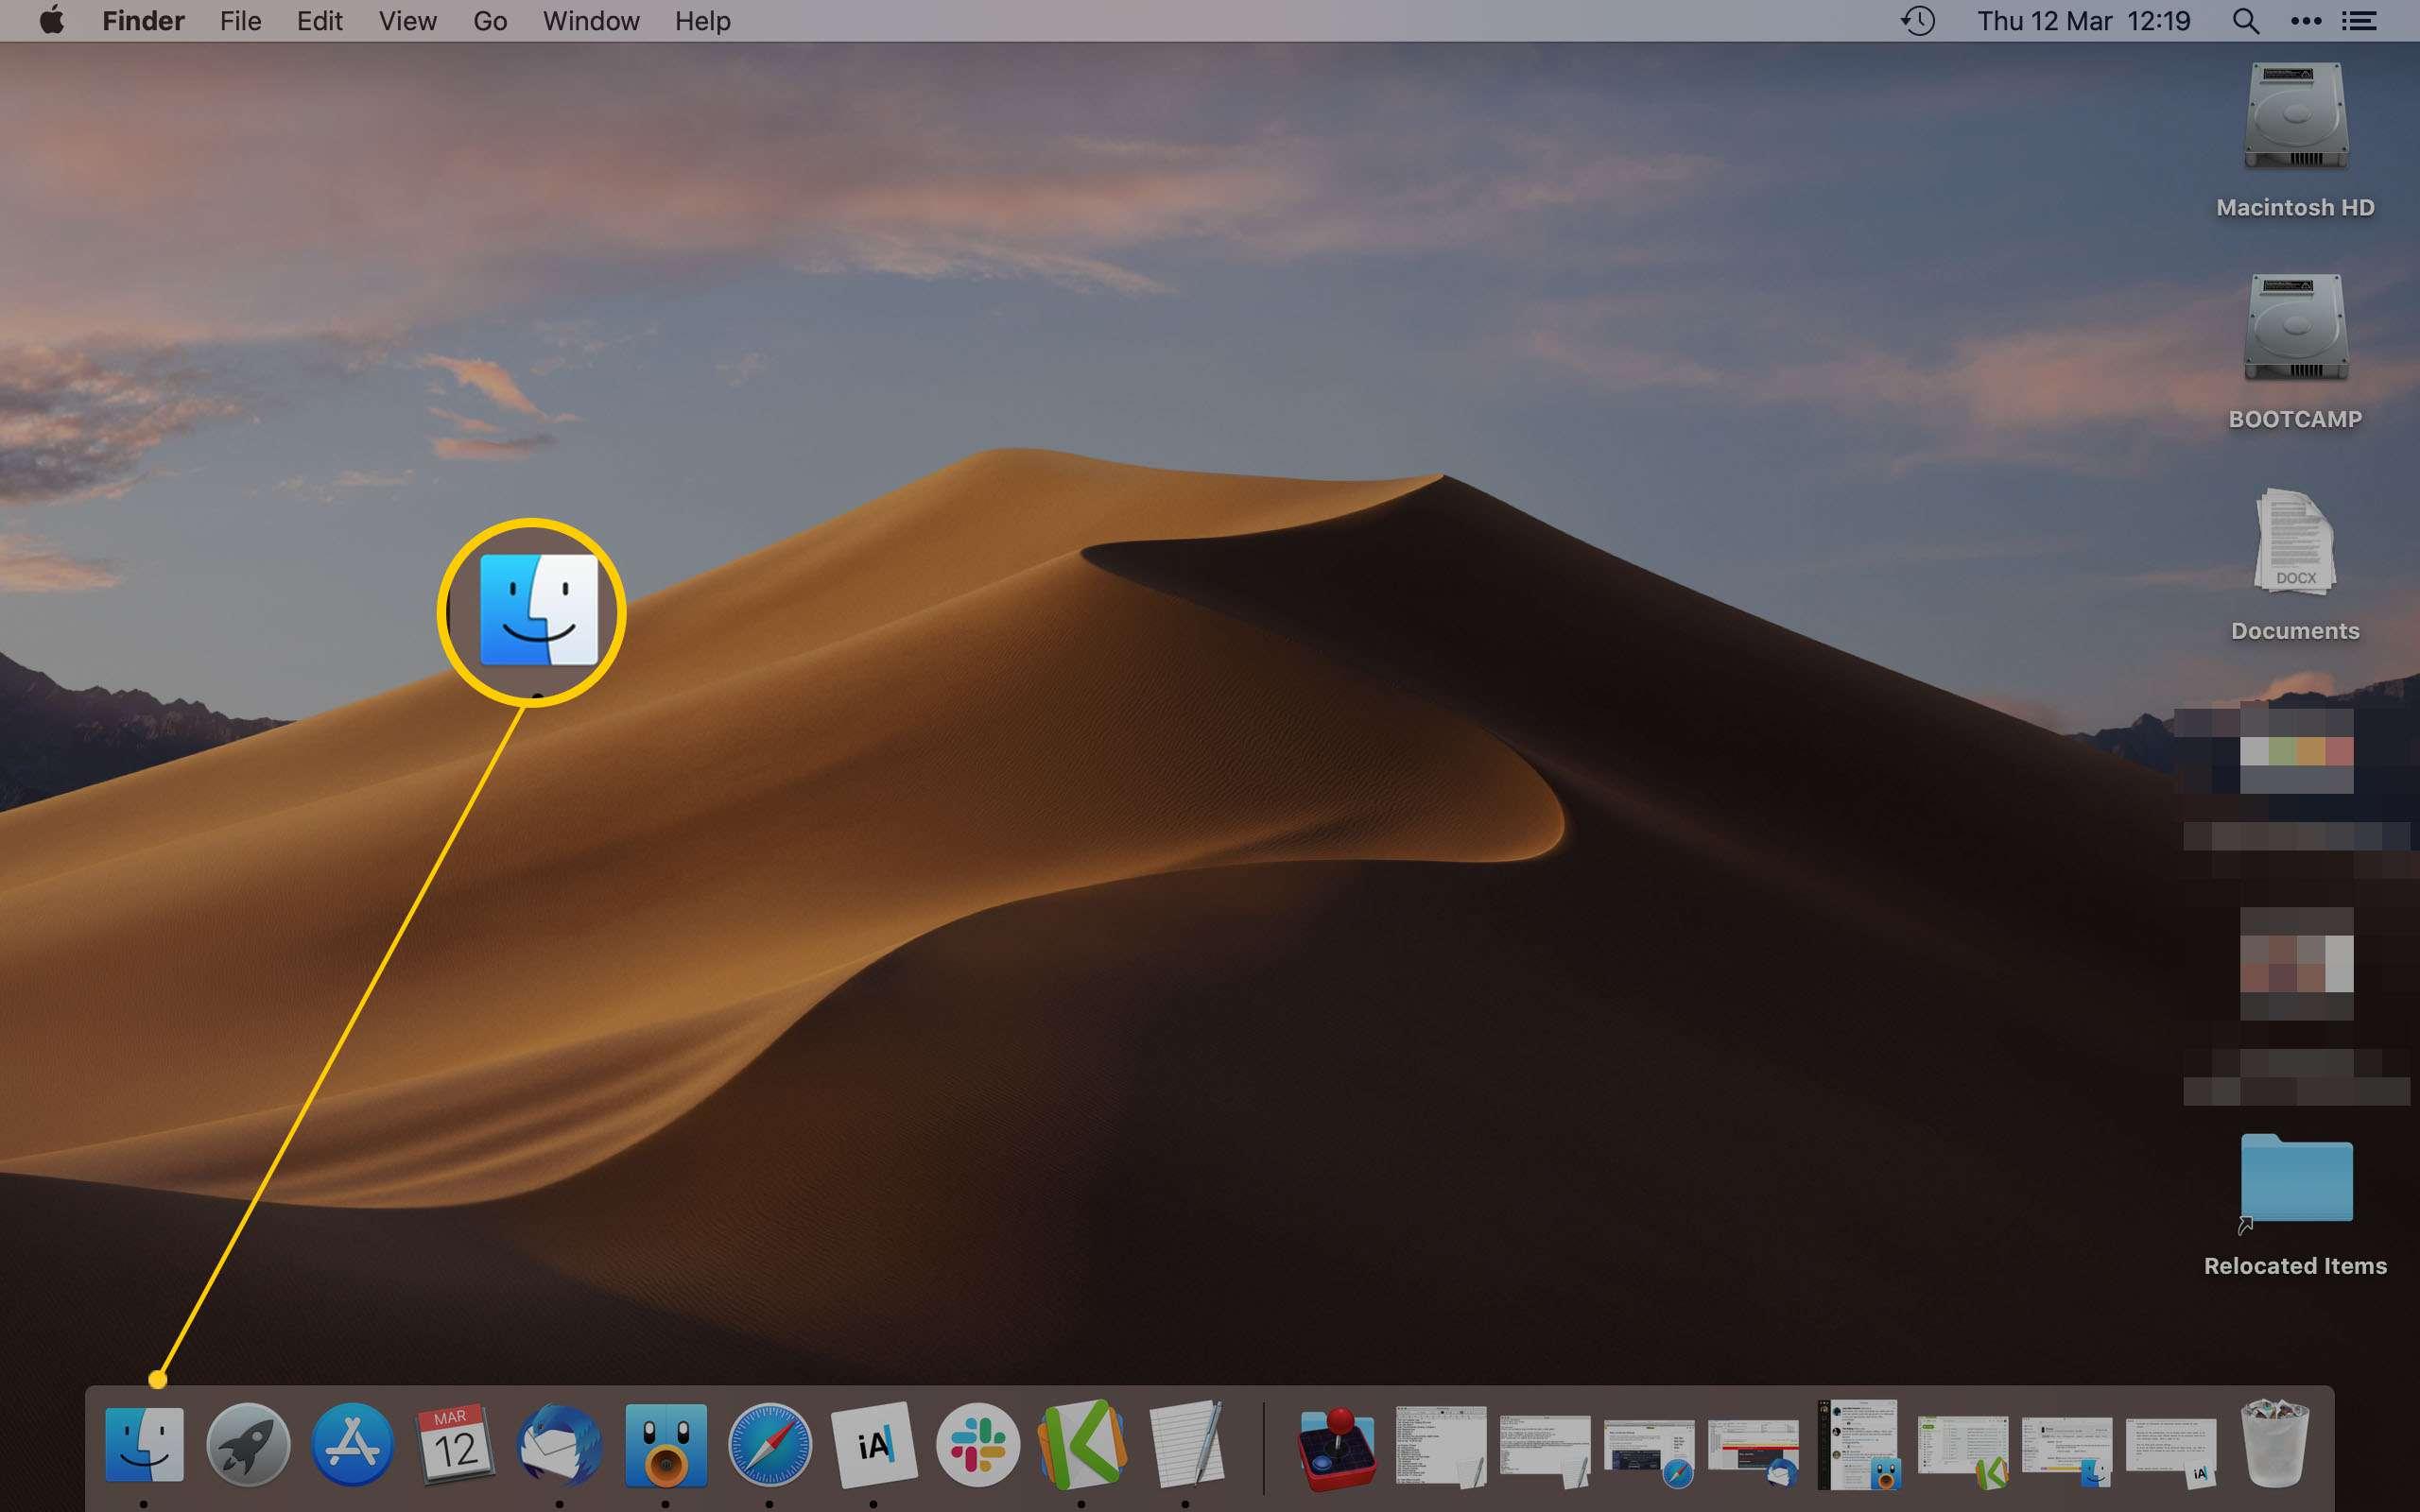 MacOS desktop with Finder highlighted